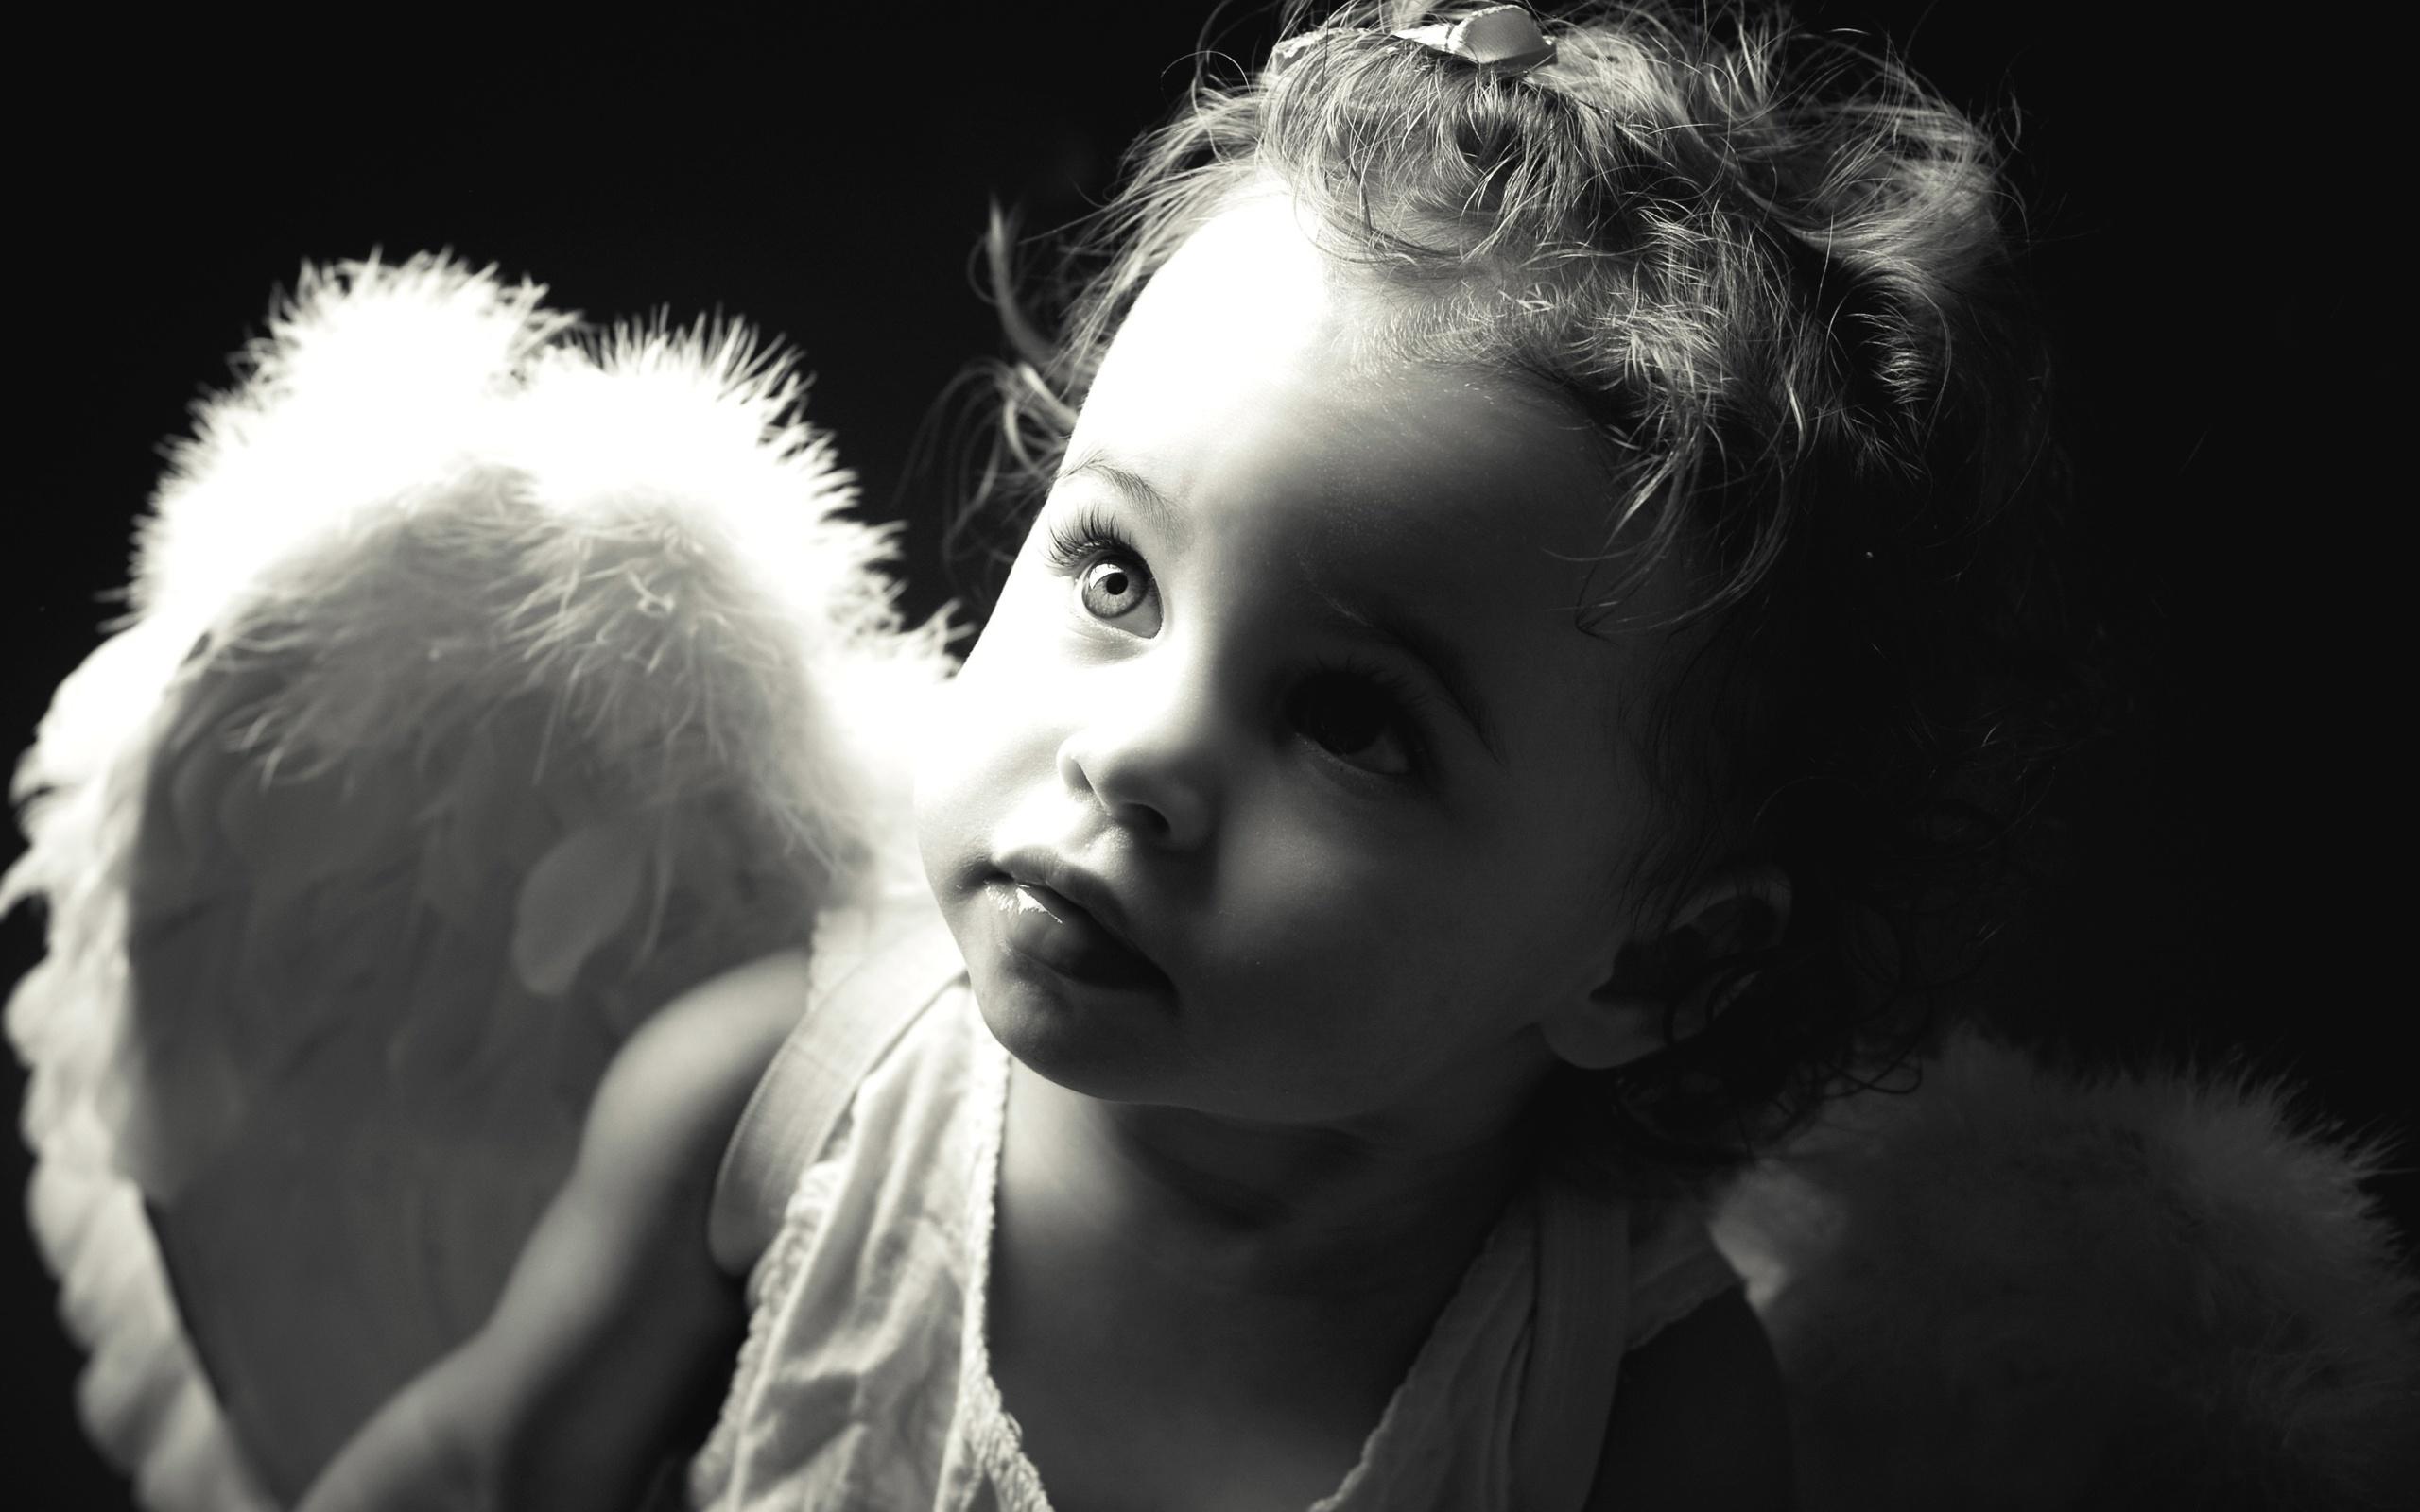 большие даты картинка обиженного ангелочка замечательный ребёнок